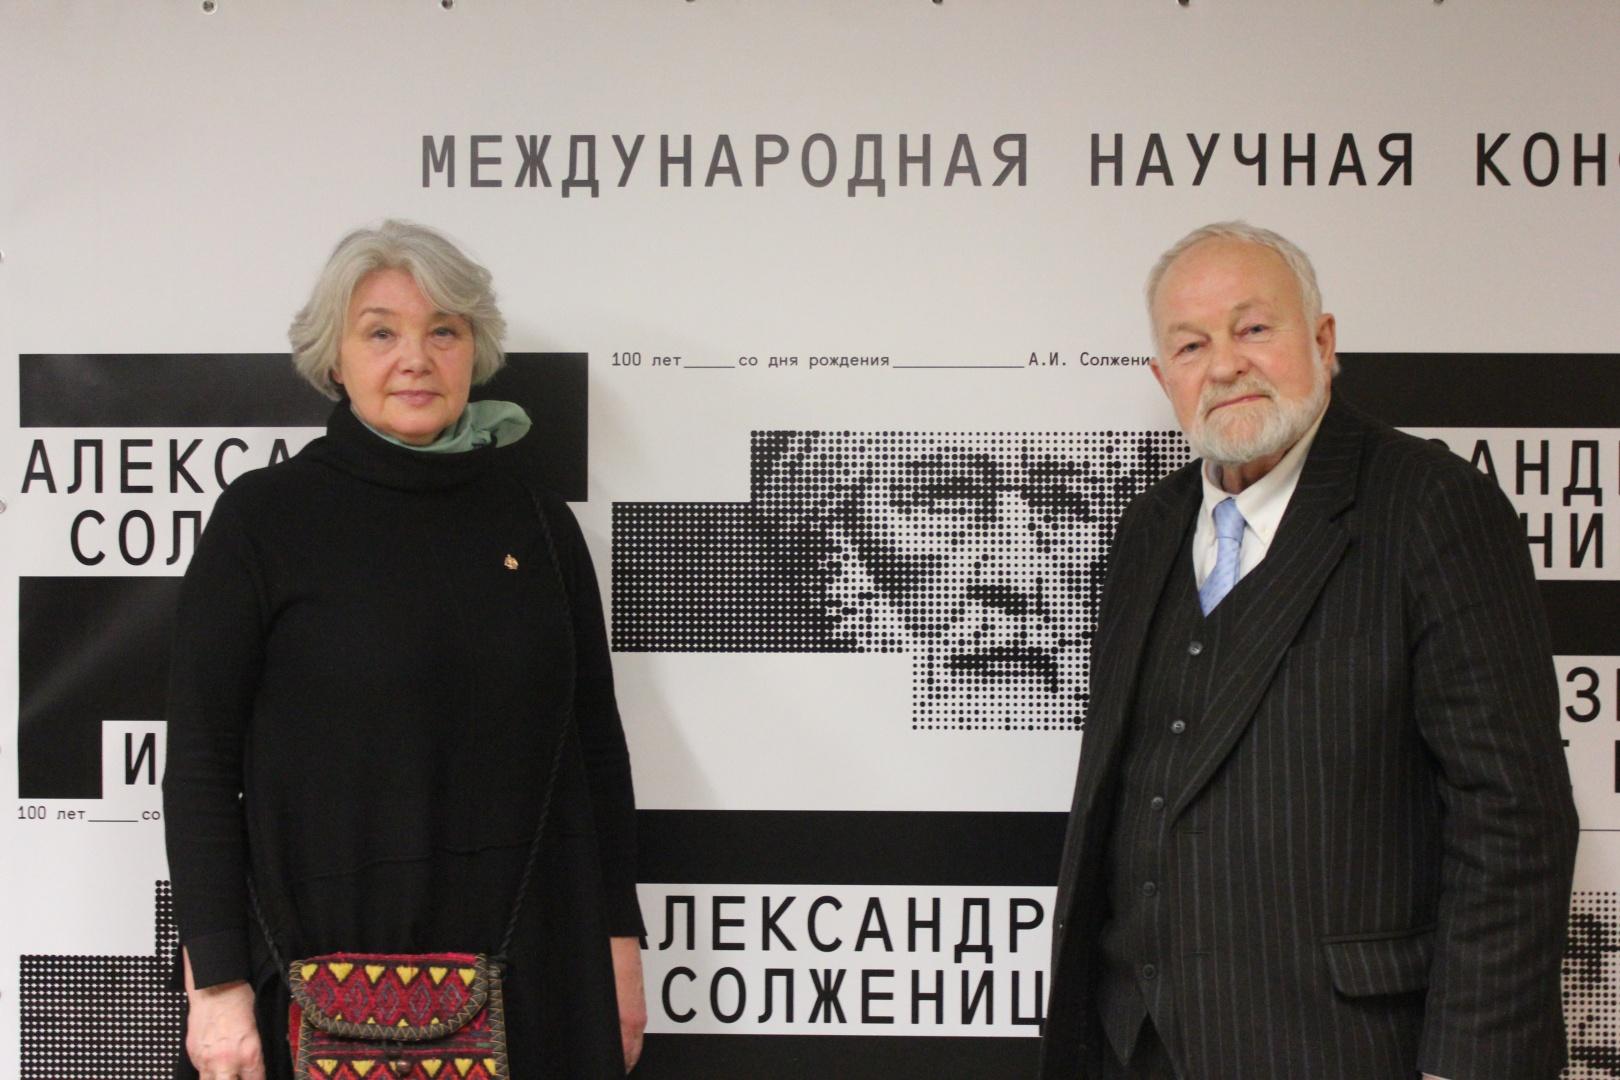 20181213-Международная конференция Солженицын-pic4